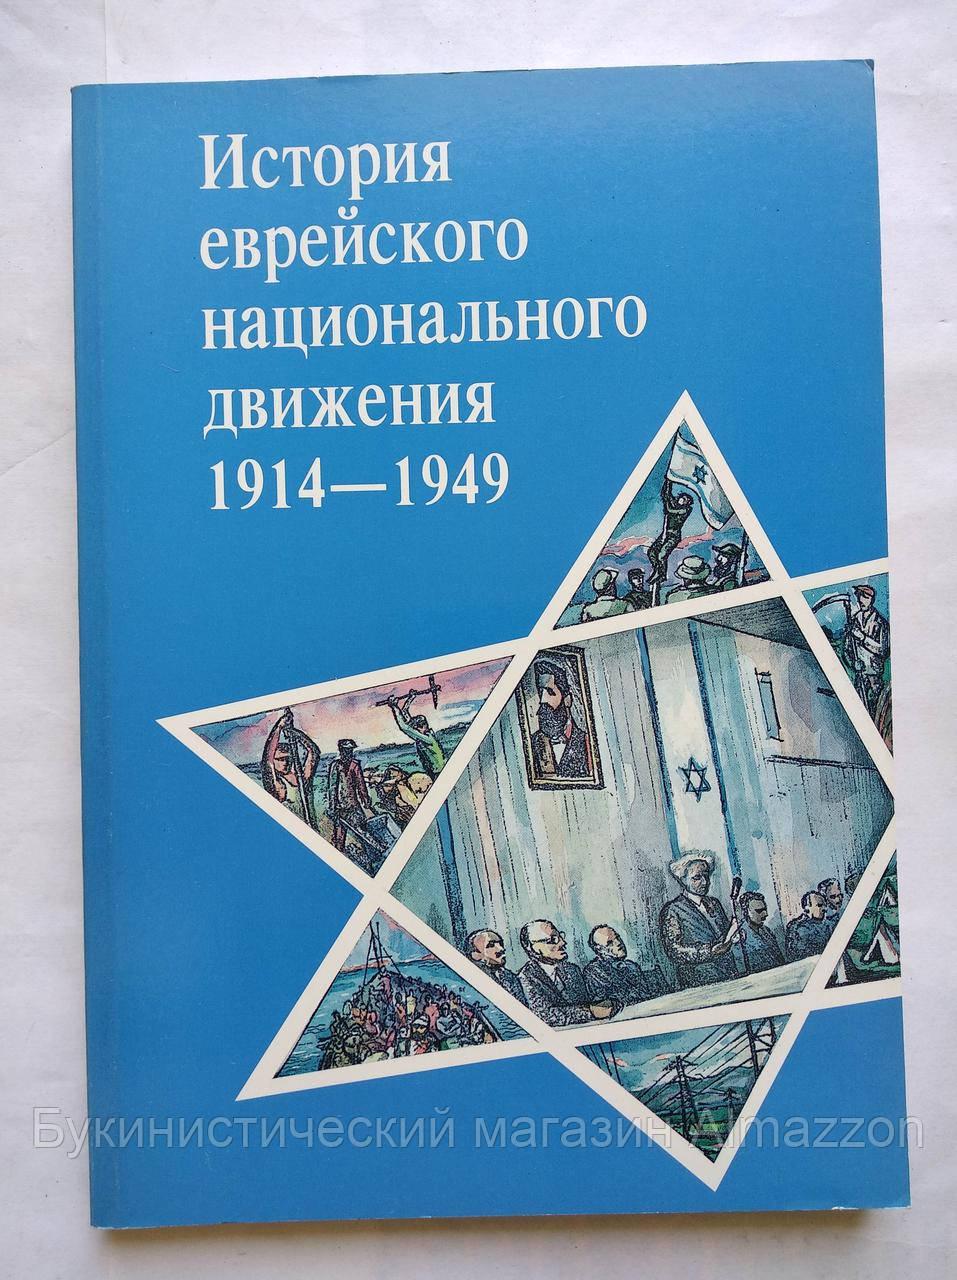 История еврейского национального движения 1914-1949 годы